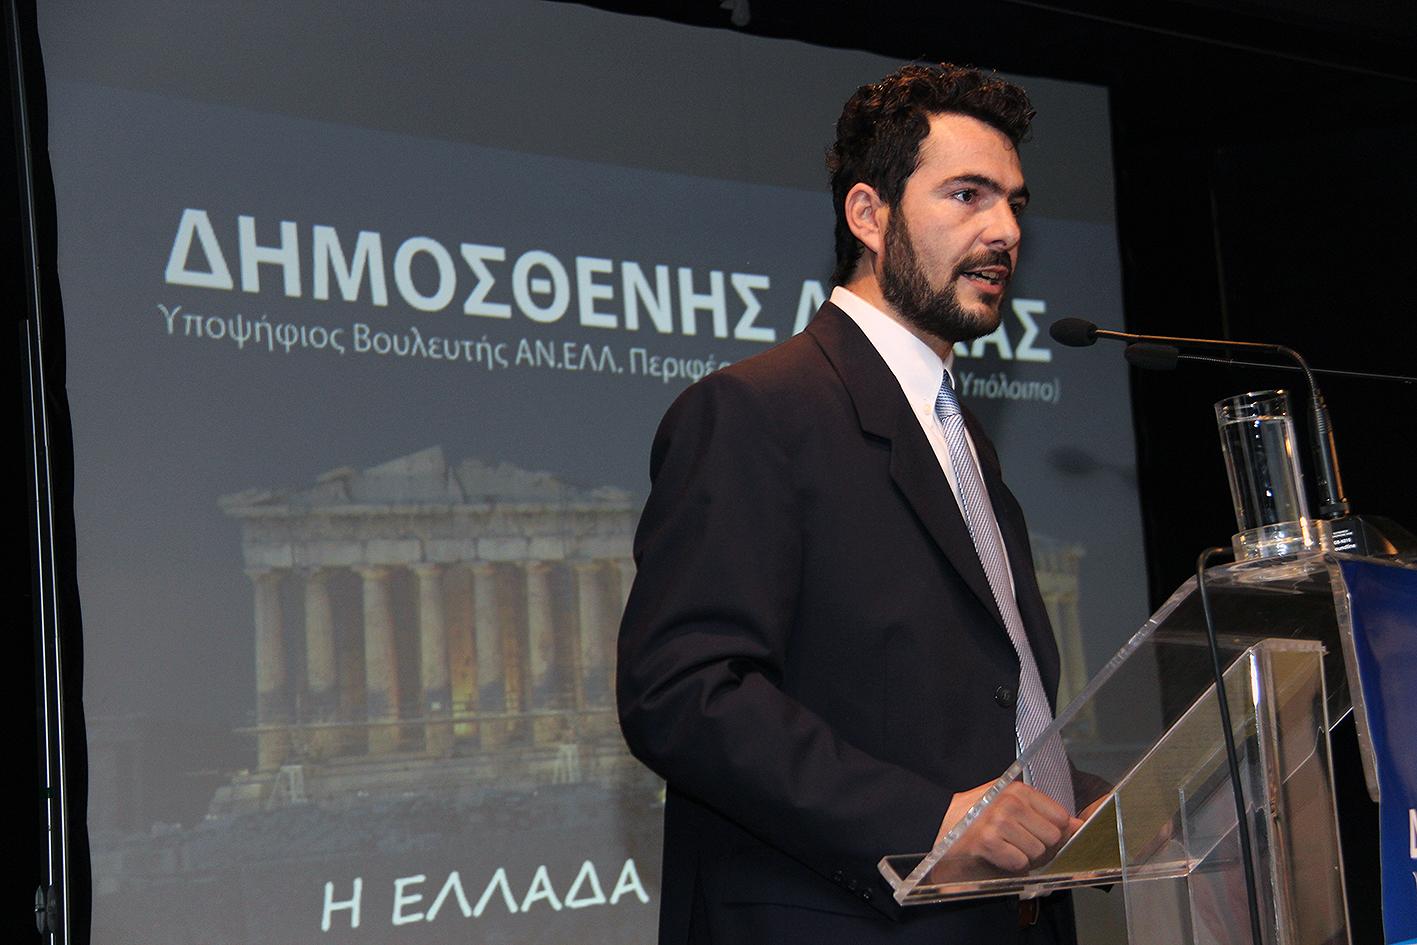 """Δημοσθένης Δόγκας: """"Είμαστε Ανεξάρτητοι, είμαστε Έλληνες"""""""